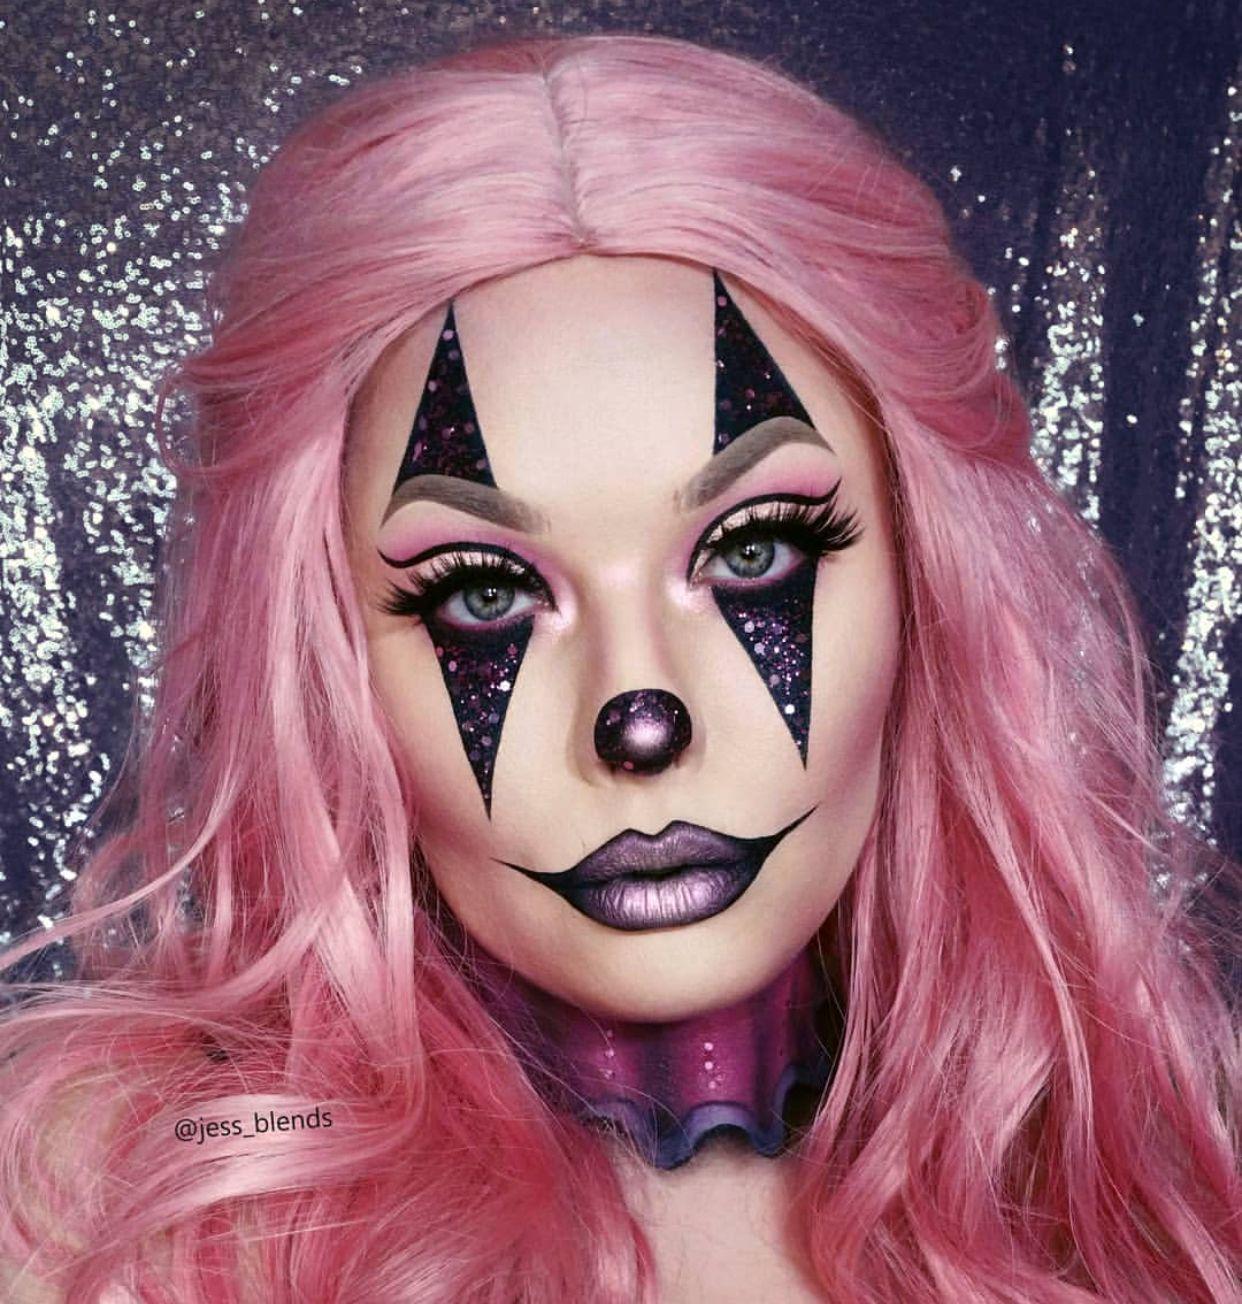 HalloweenMakeup Special FX Makeup Kit makeup (с